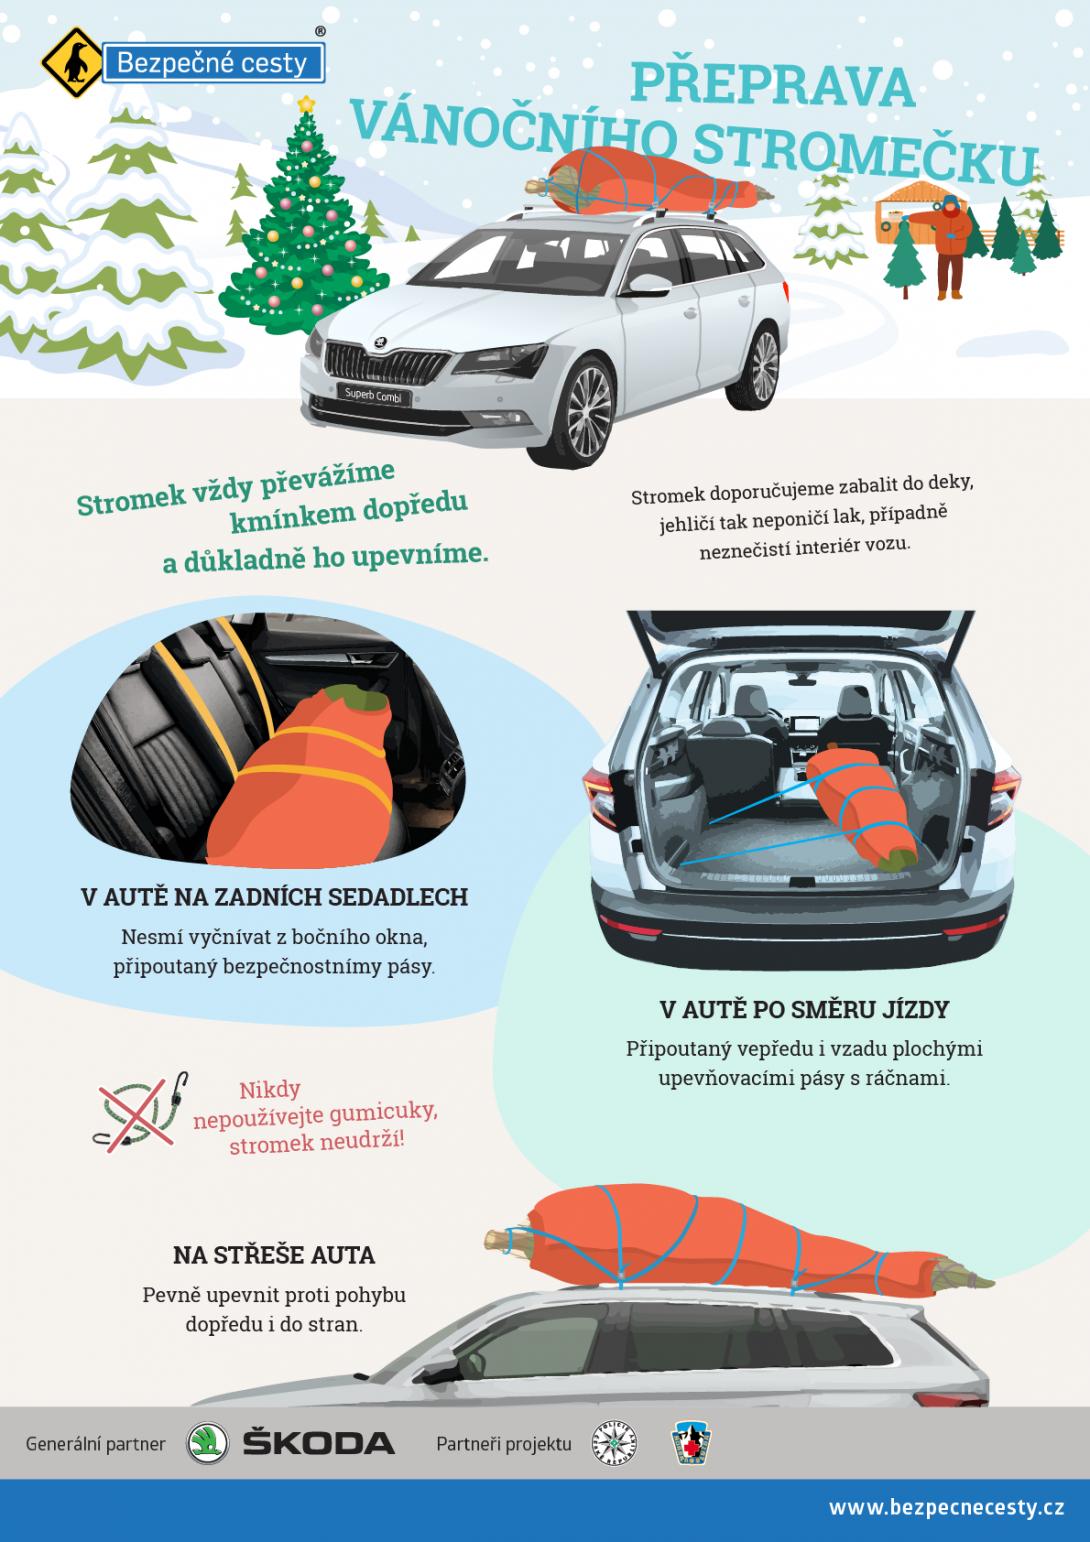 Přeprava vánočního stromečku - infografika